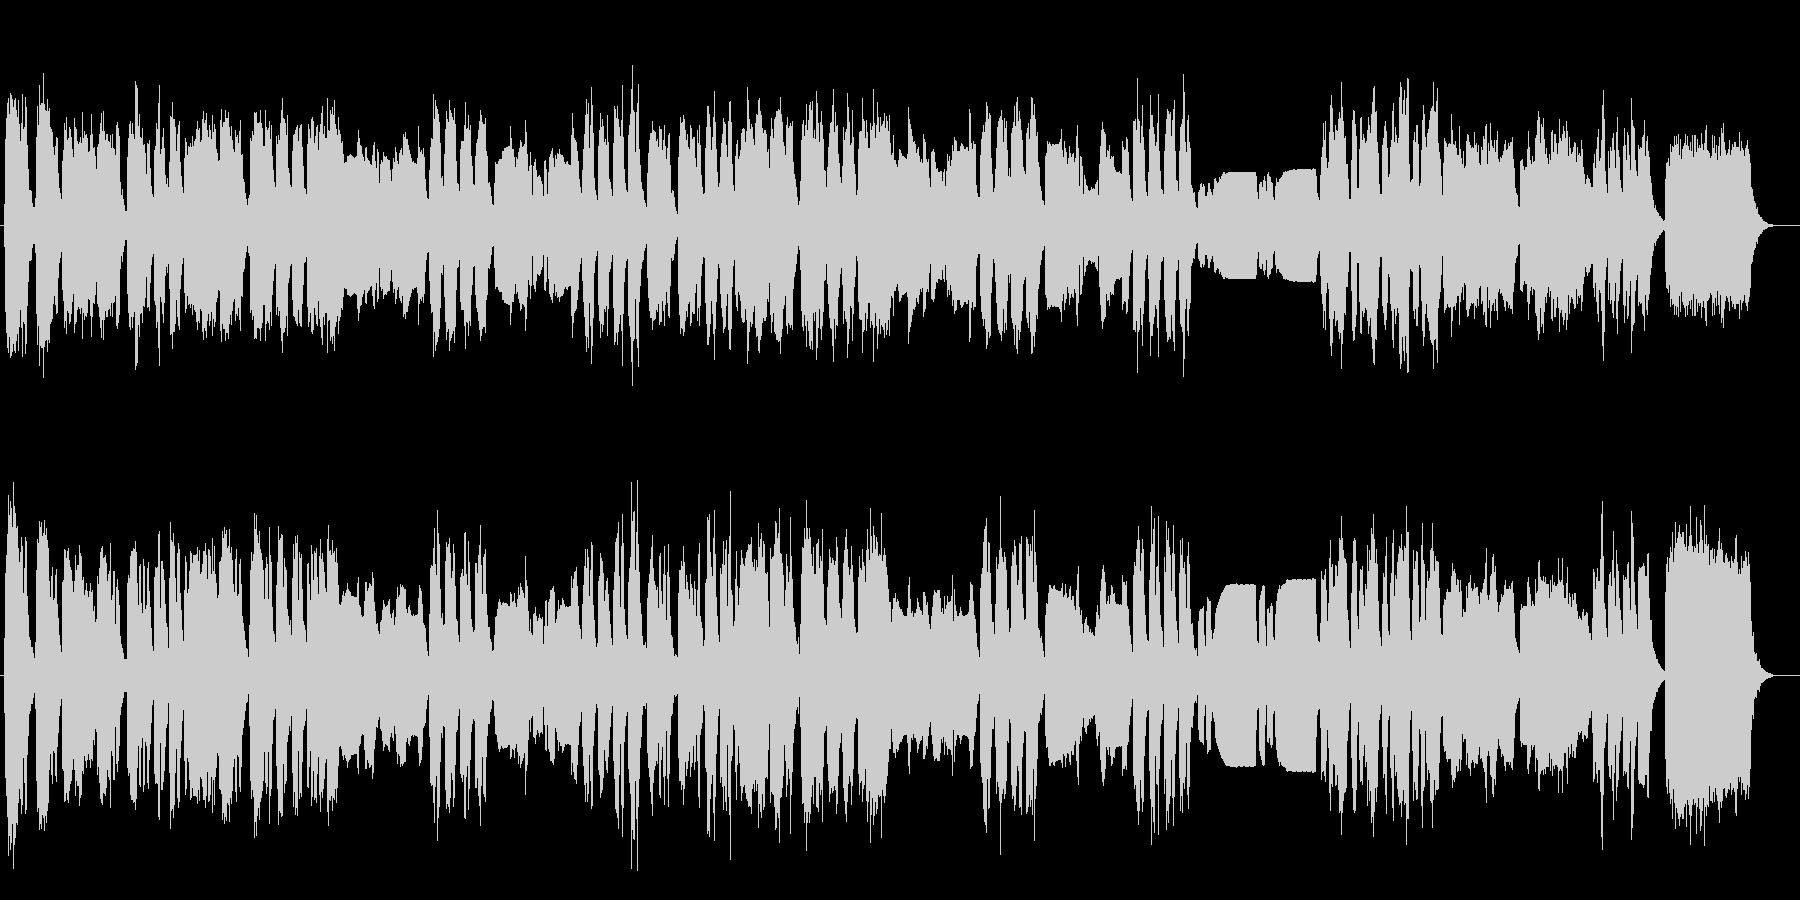 クラシック ハレルヤ パイプオルガンの未再生の波形